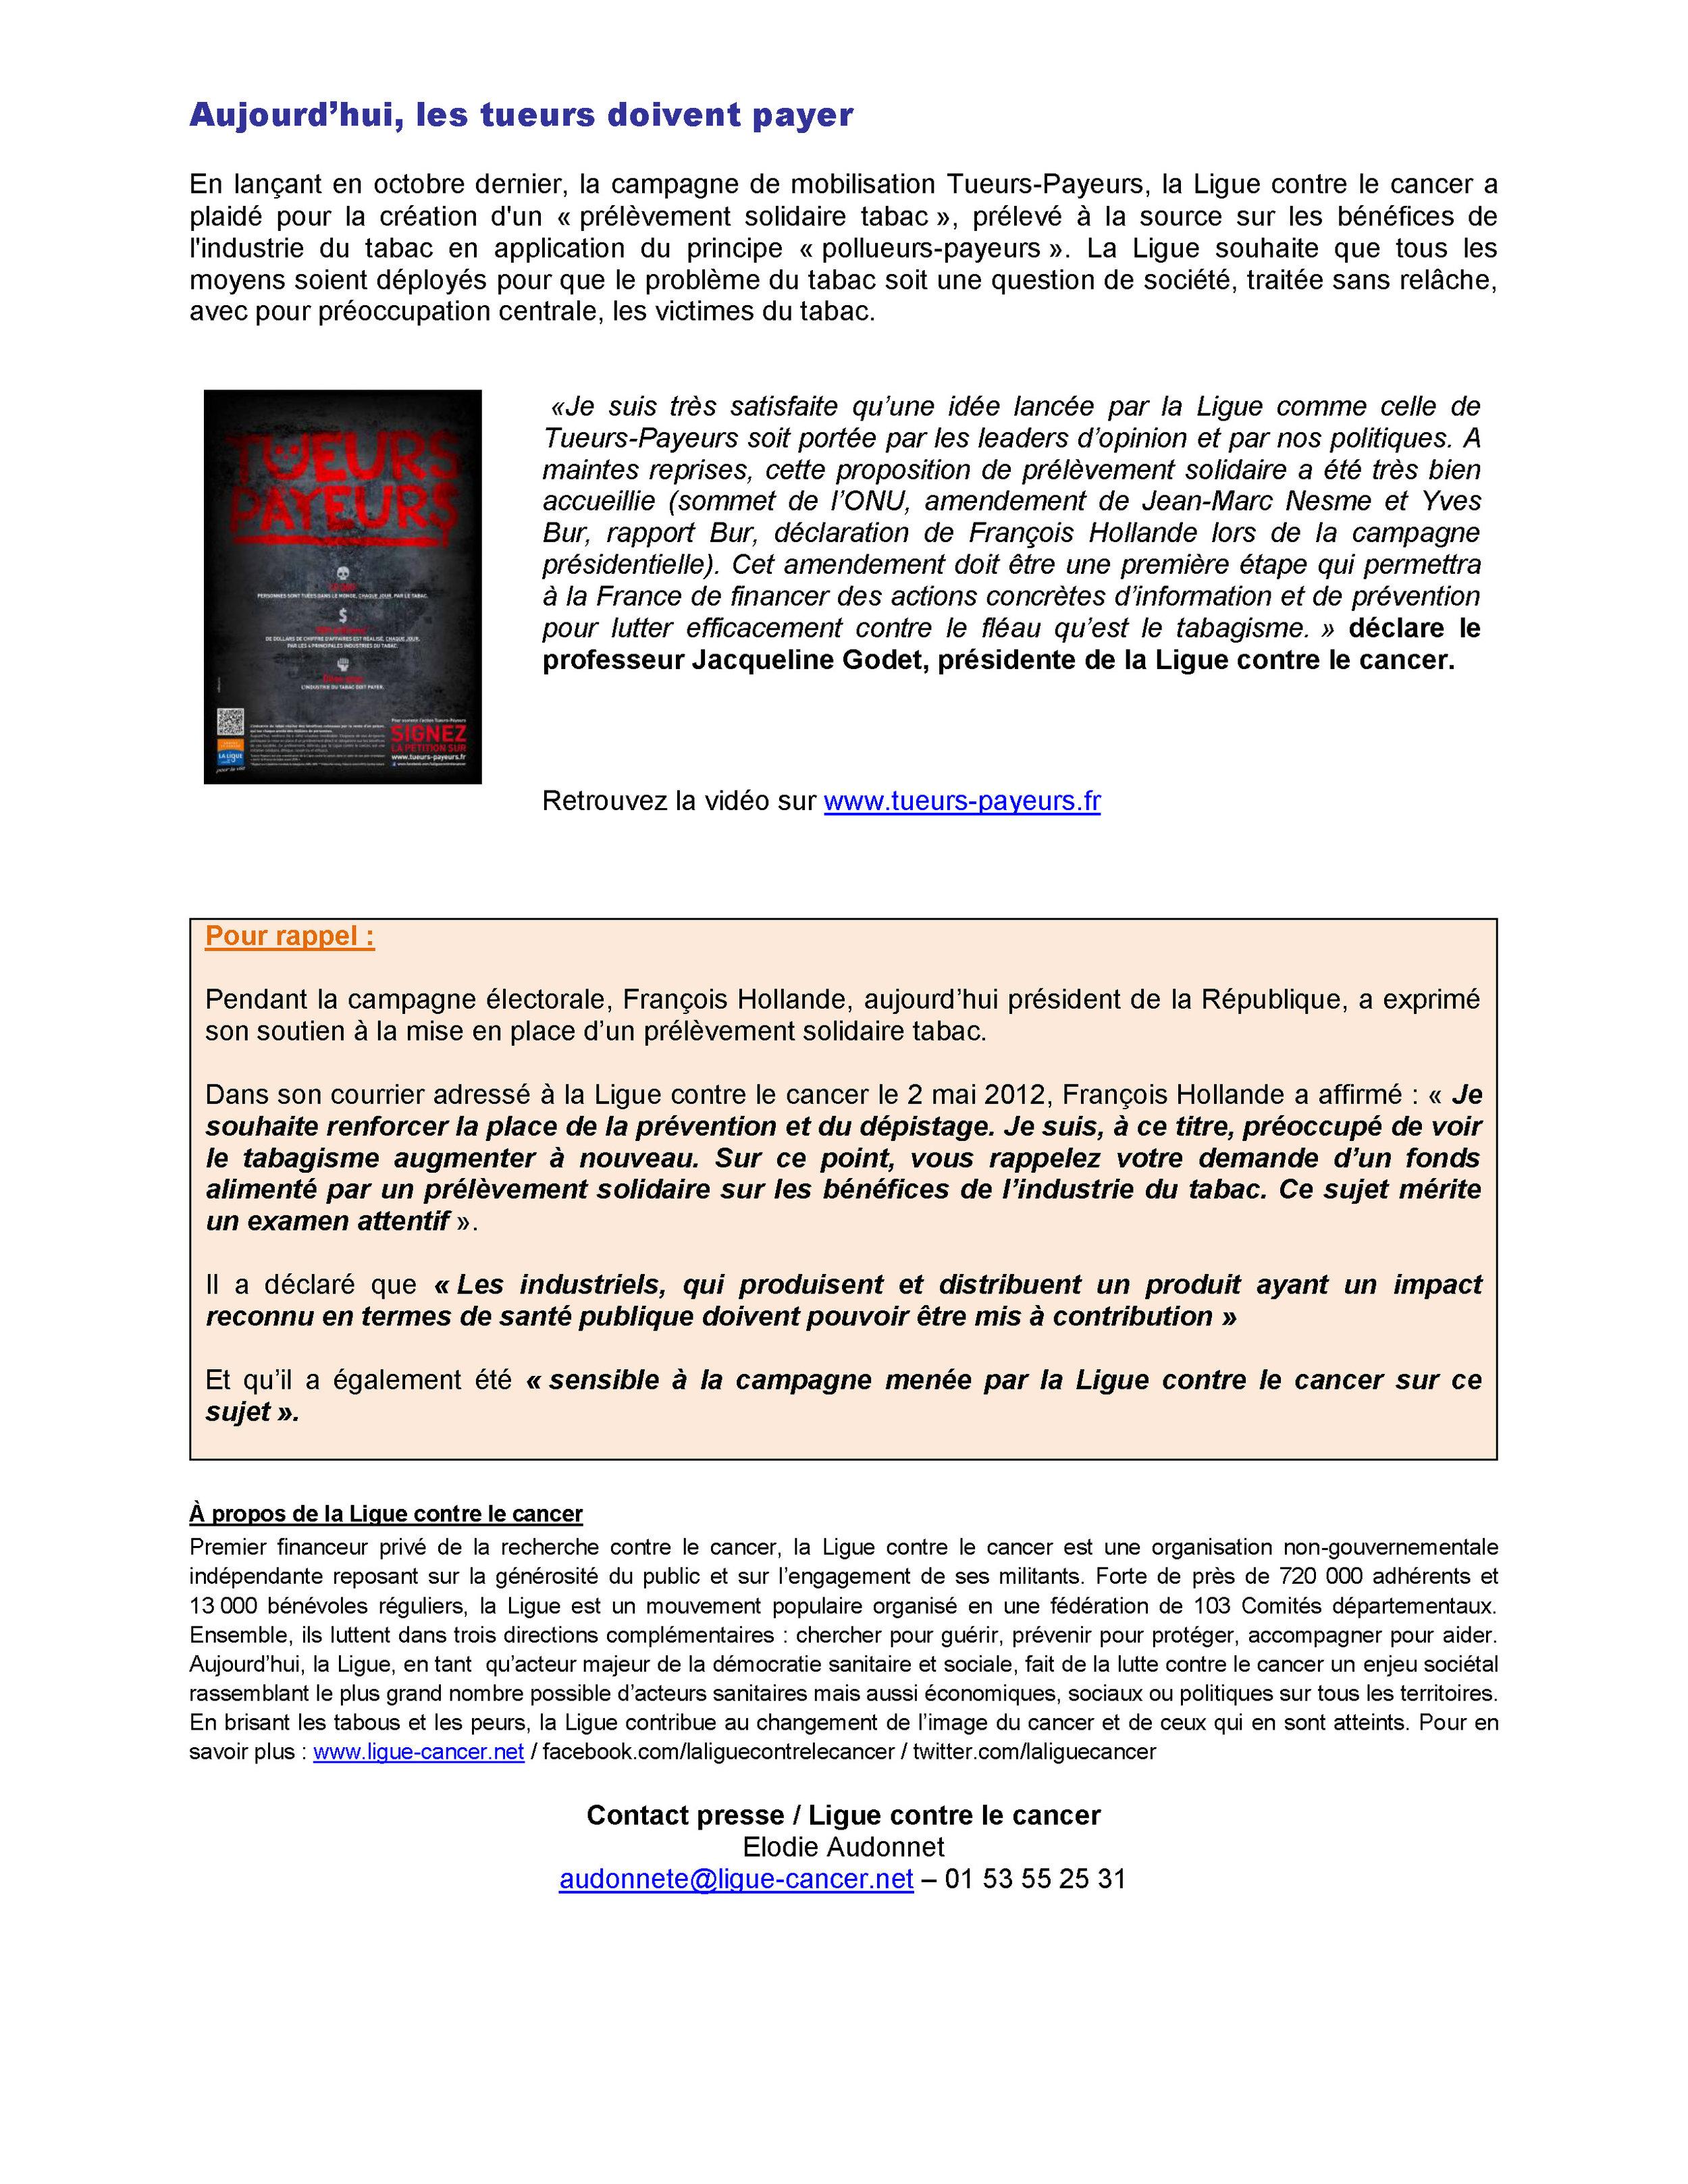 LNCC-CP_amendement-j-m-le-guen-16juil2012_Page_2.jpg